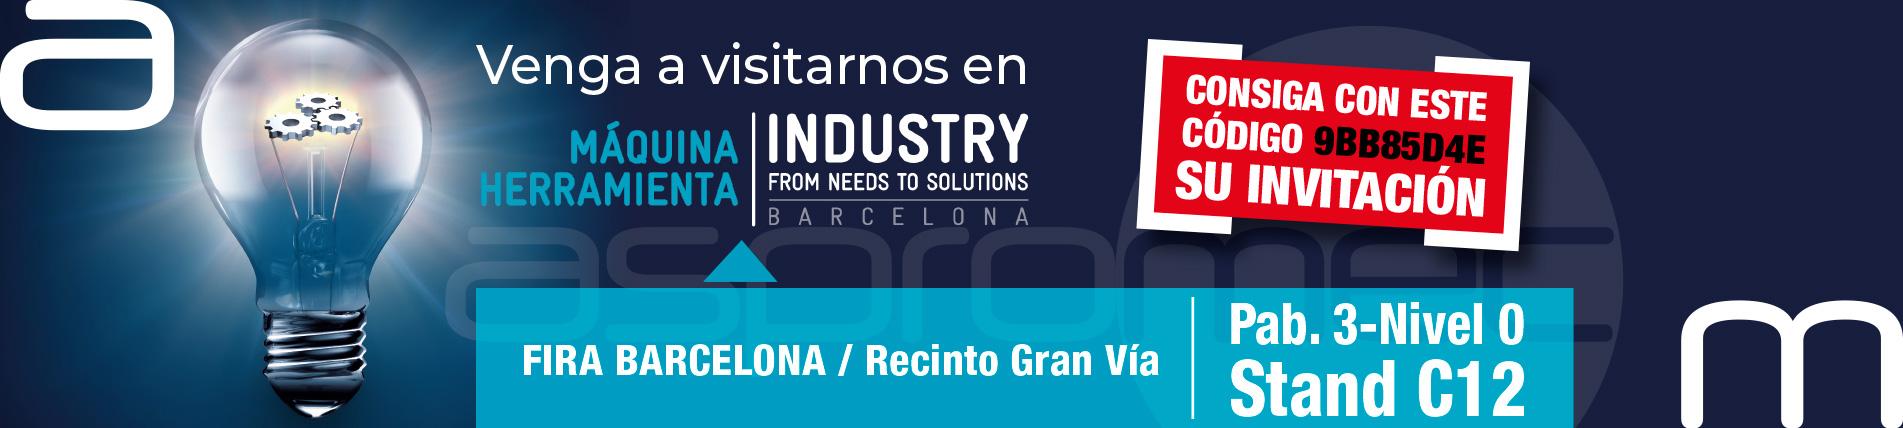 Vadillo Asesores, con Aspromec, en la Máquina-Herramienta Industry de Barcelona